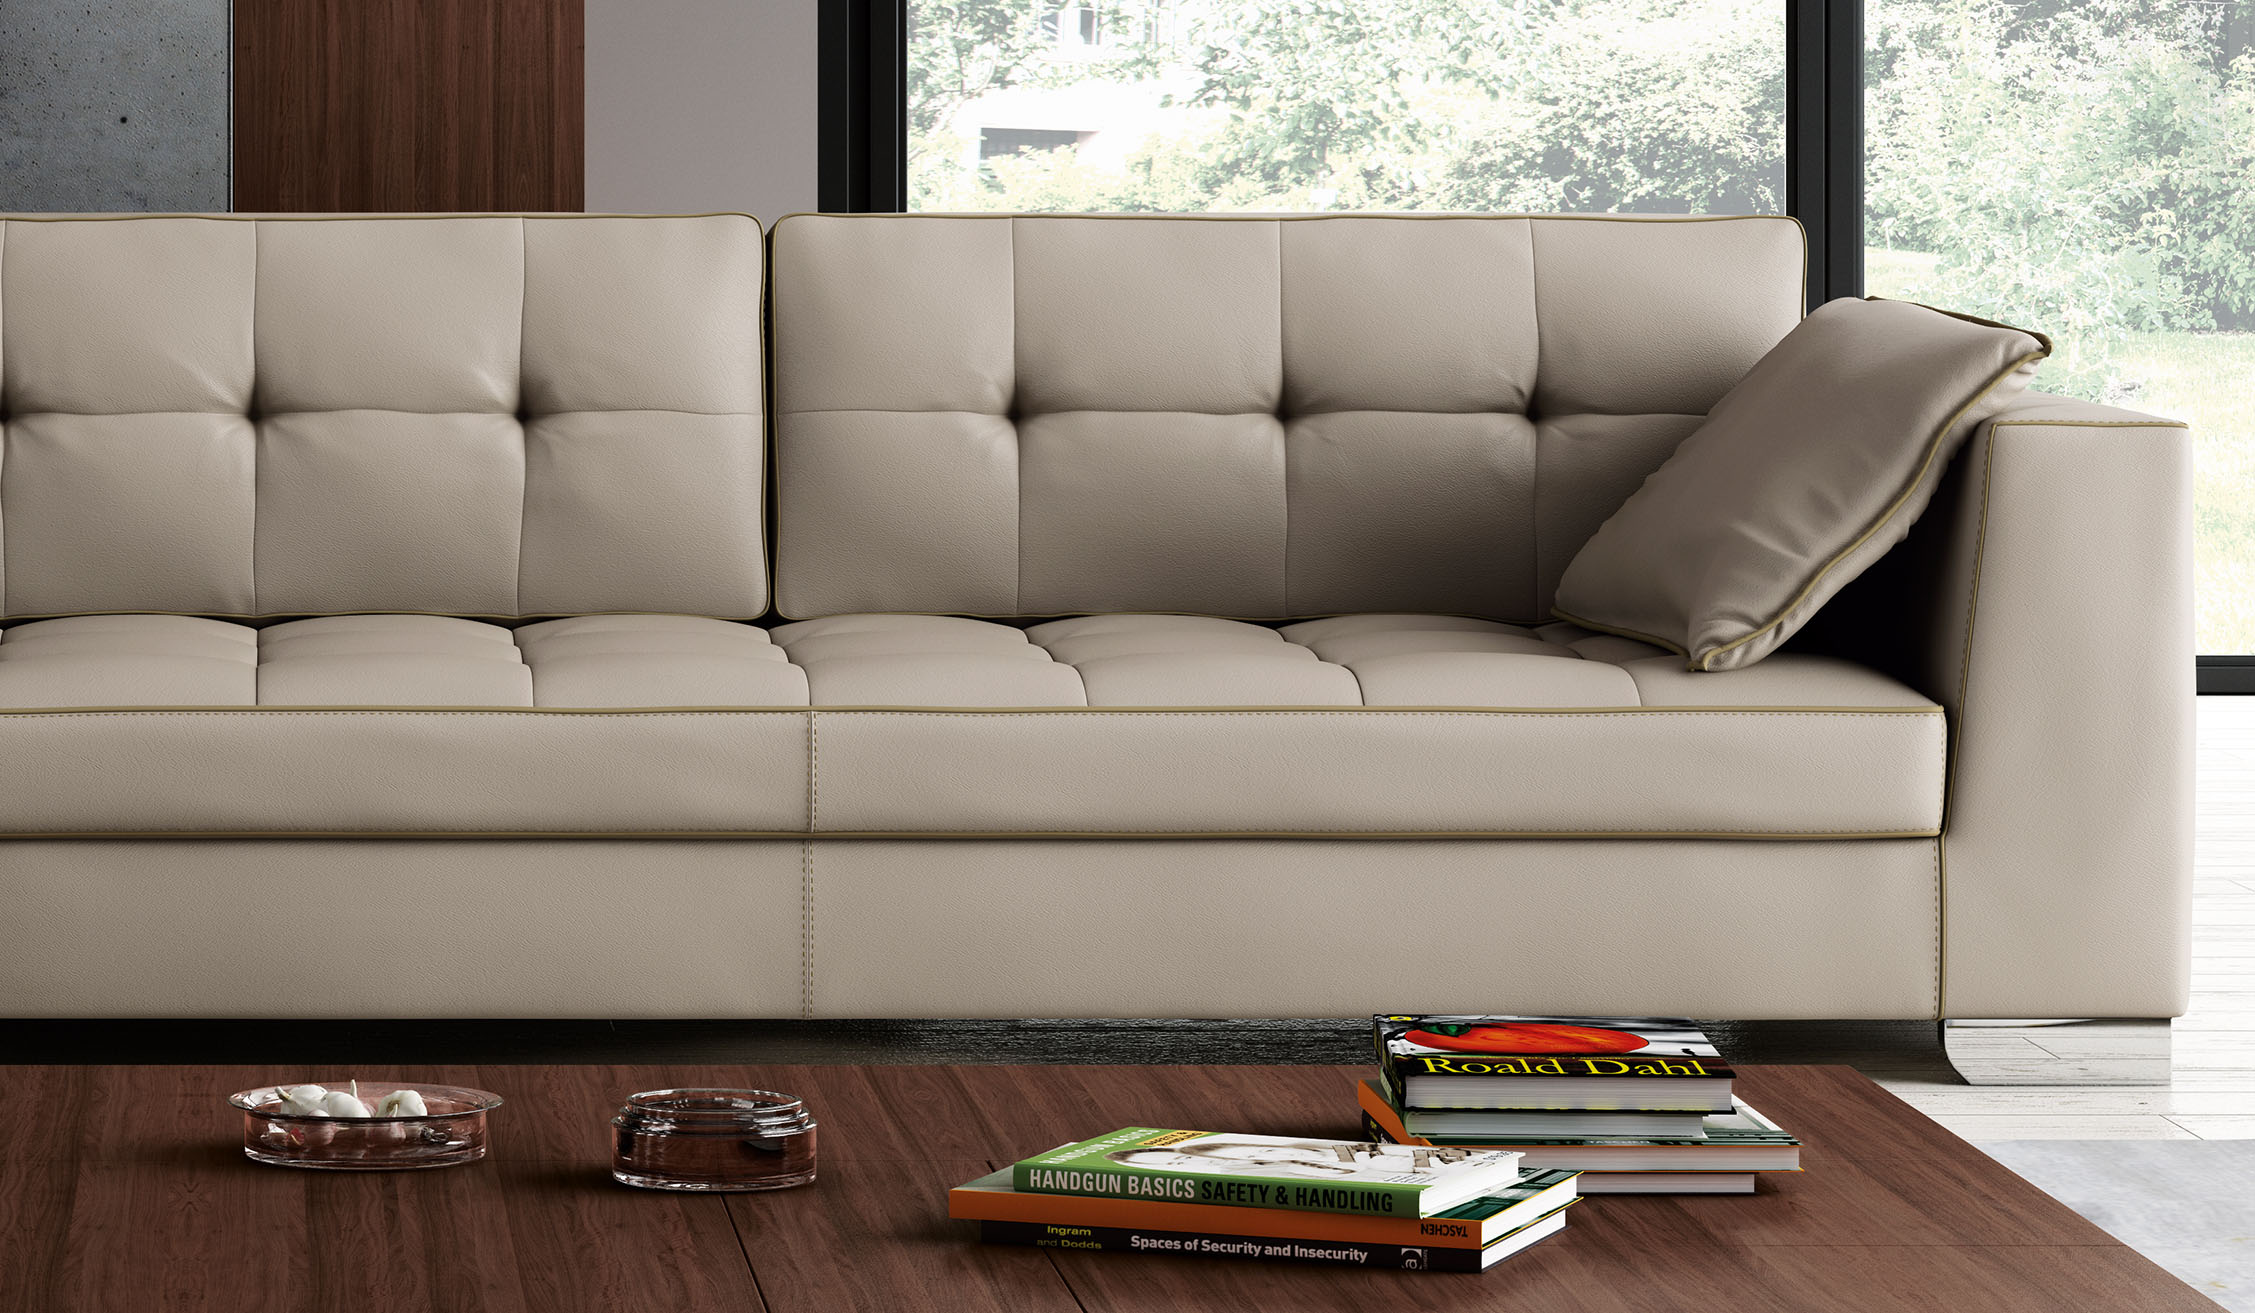 large square sofa cushions swing india uk luxury tufted designer all leather sectional chesapeake